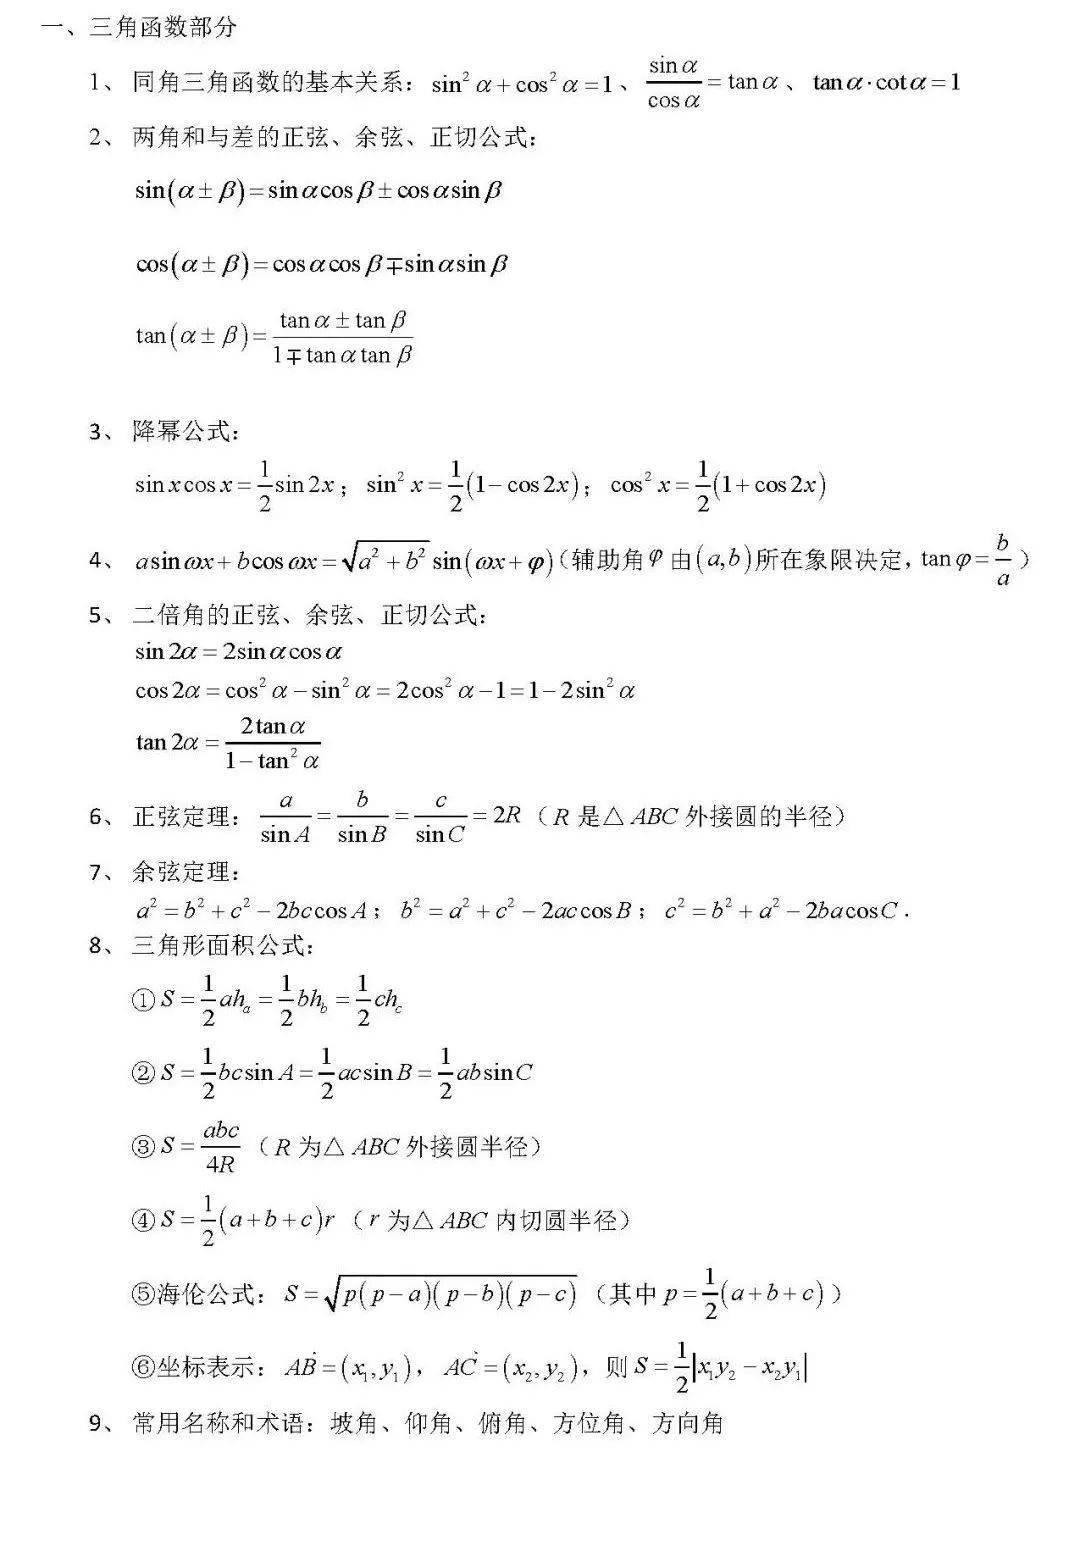 高中数学最常考的100个核心知识点!提升必看